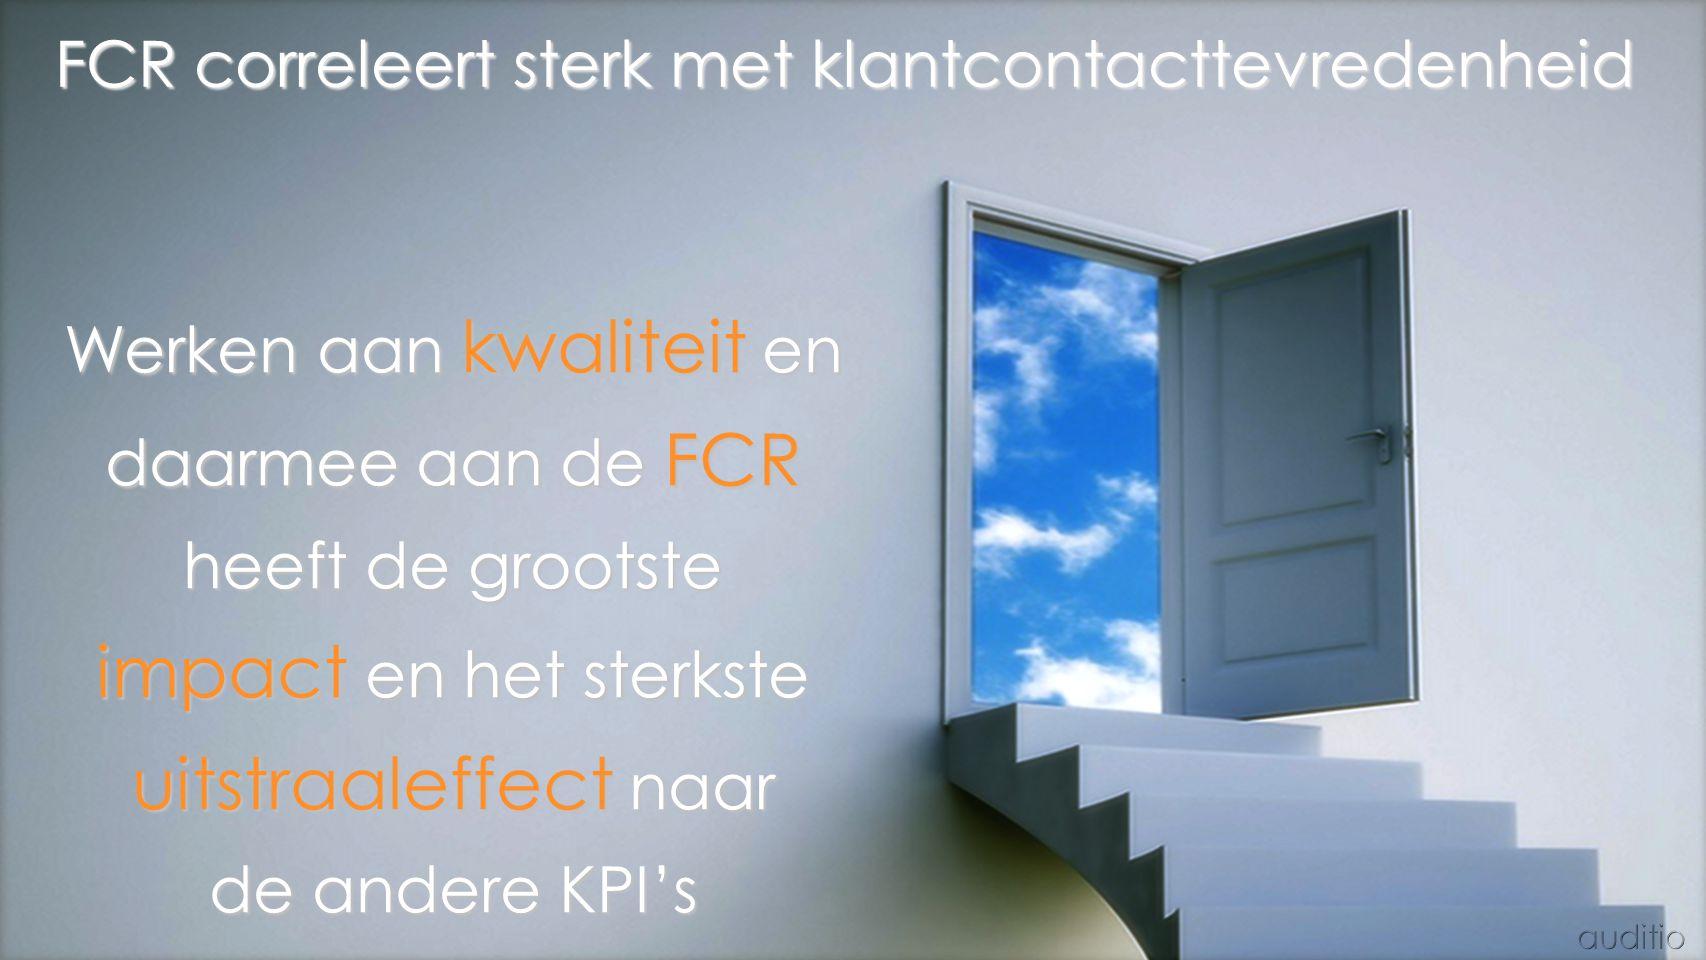 FCR correleert sterk met klantcontacttevredenheid